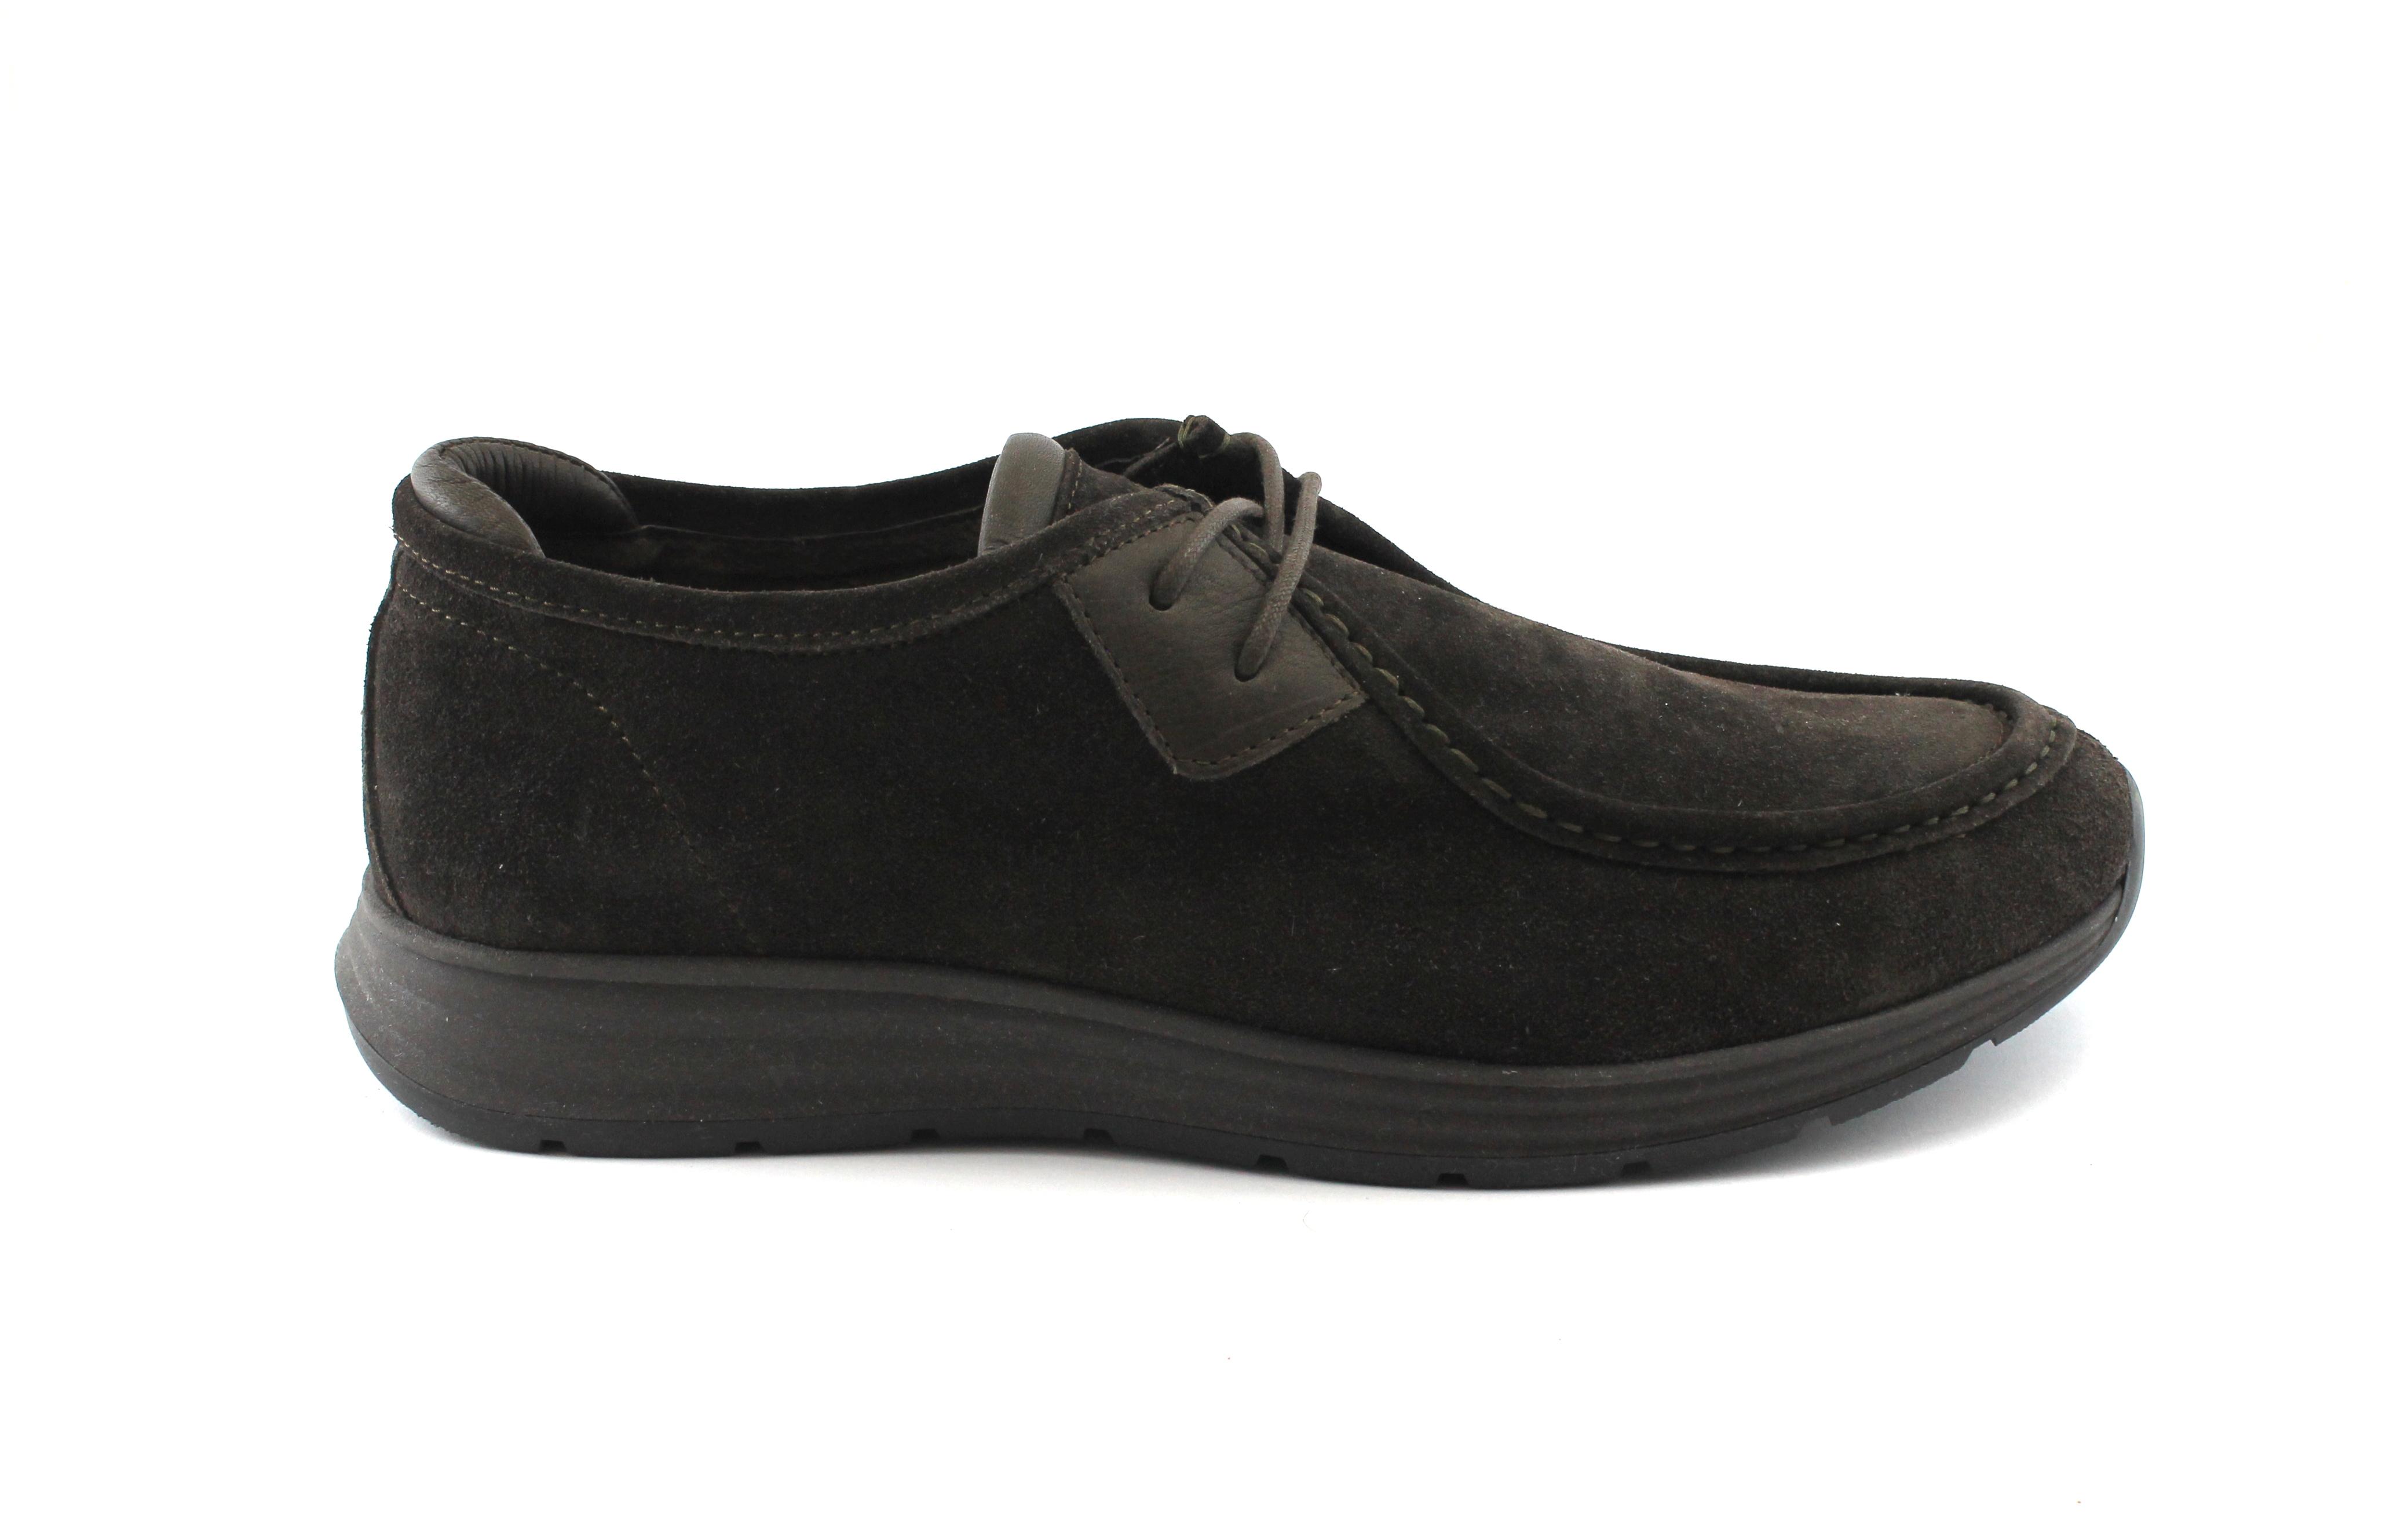 CAFè NOIR uomo TS616 t. moro scarpe uomo NOIR sportive tipo mocassino lacci c96125